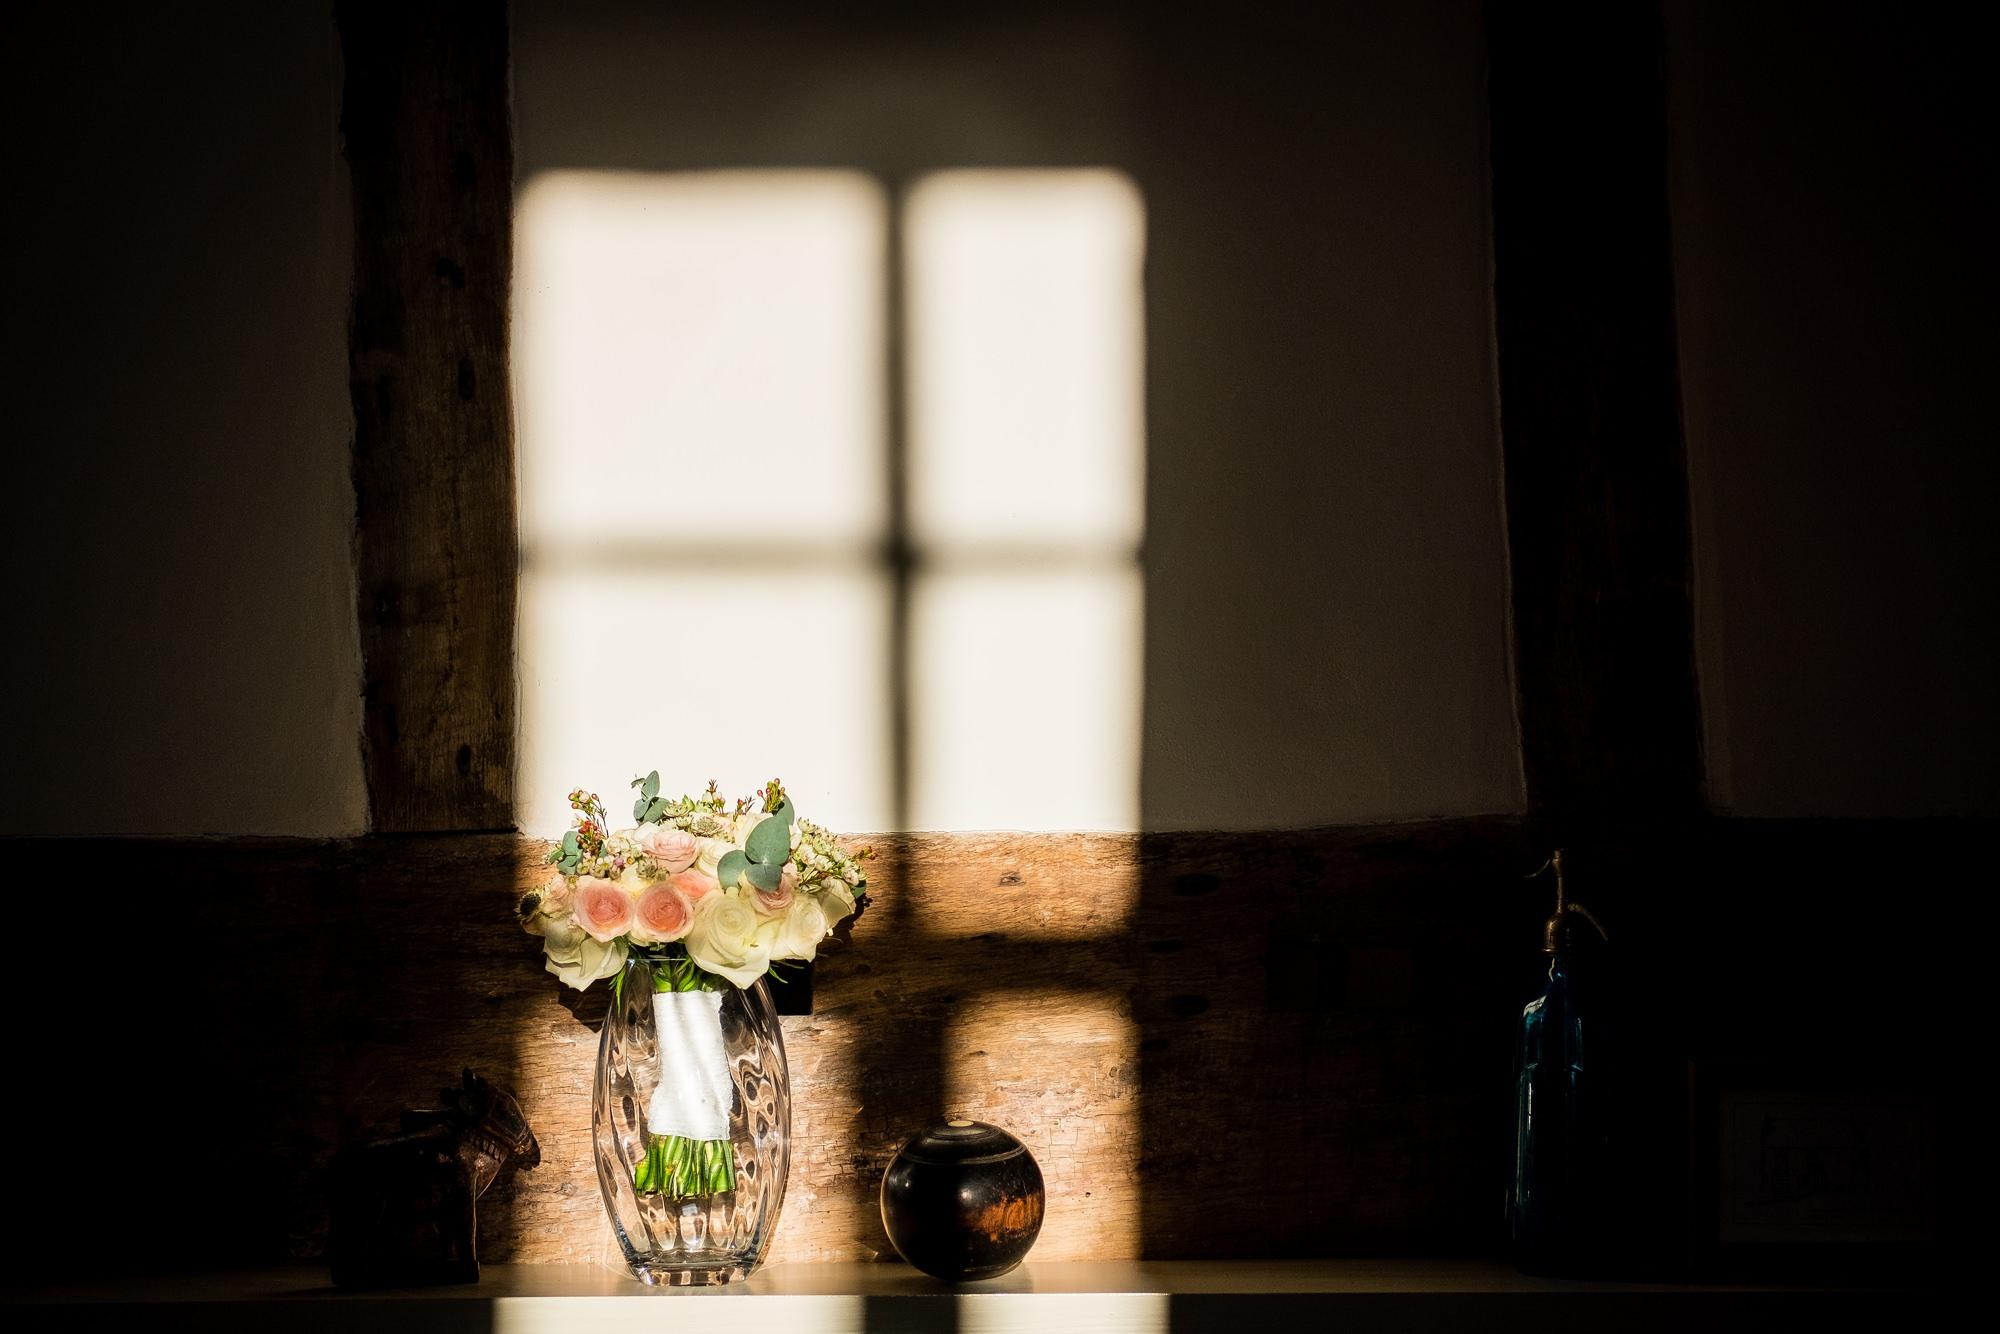 wedding flowers in sunlight